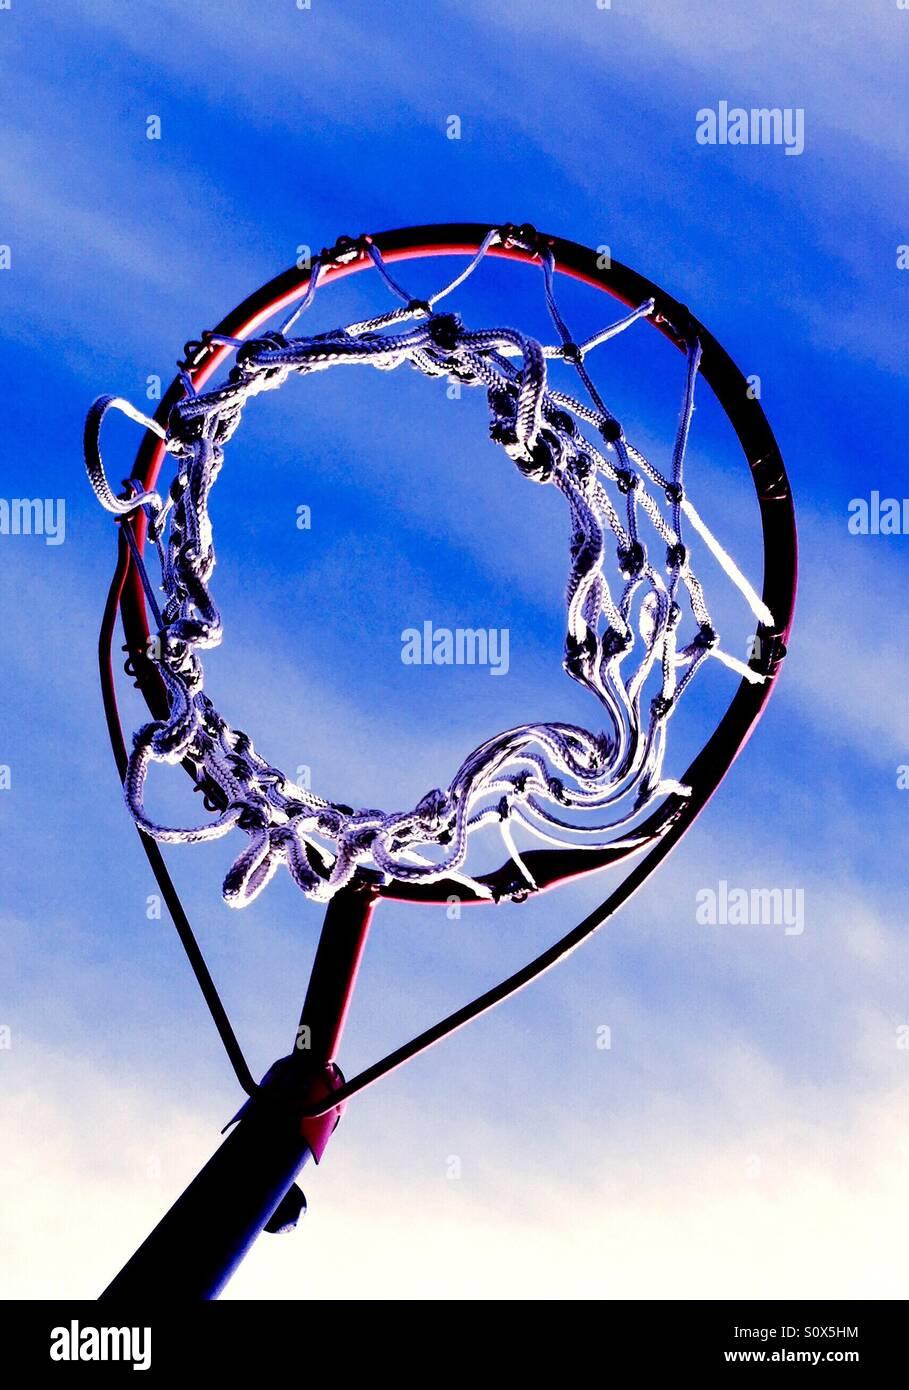 Mirando hacia un baloncesto net hacia un cielo azul. Imagen De Stock